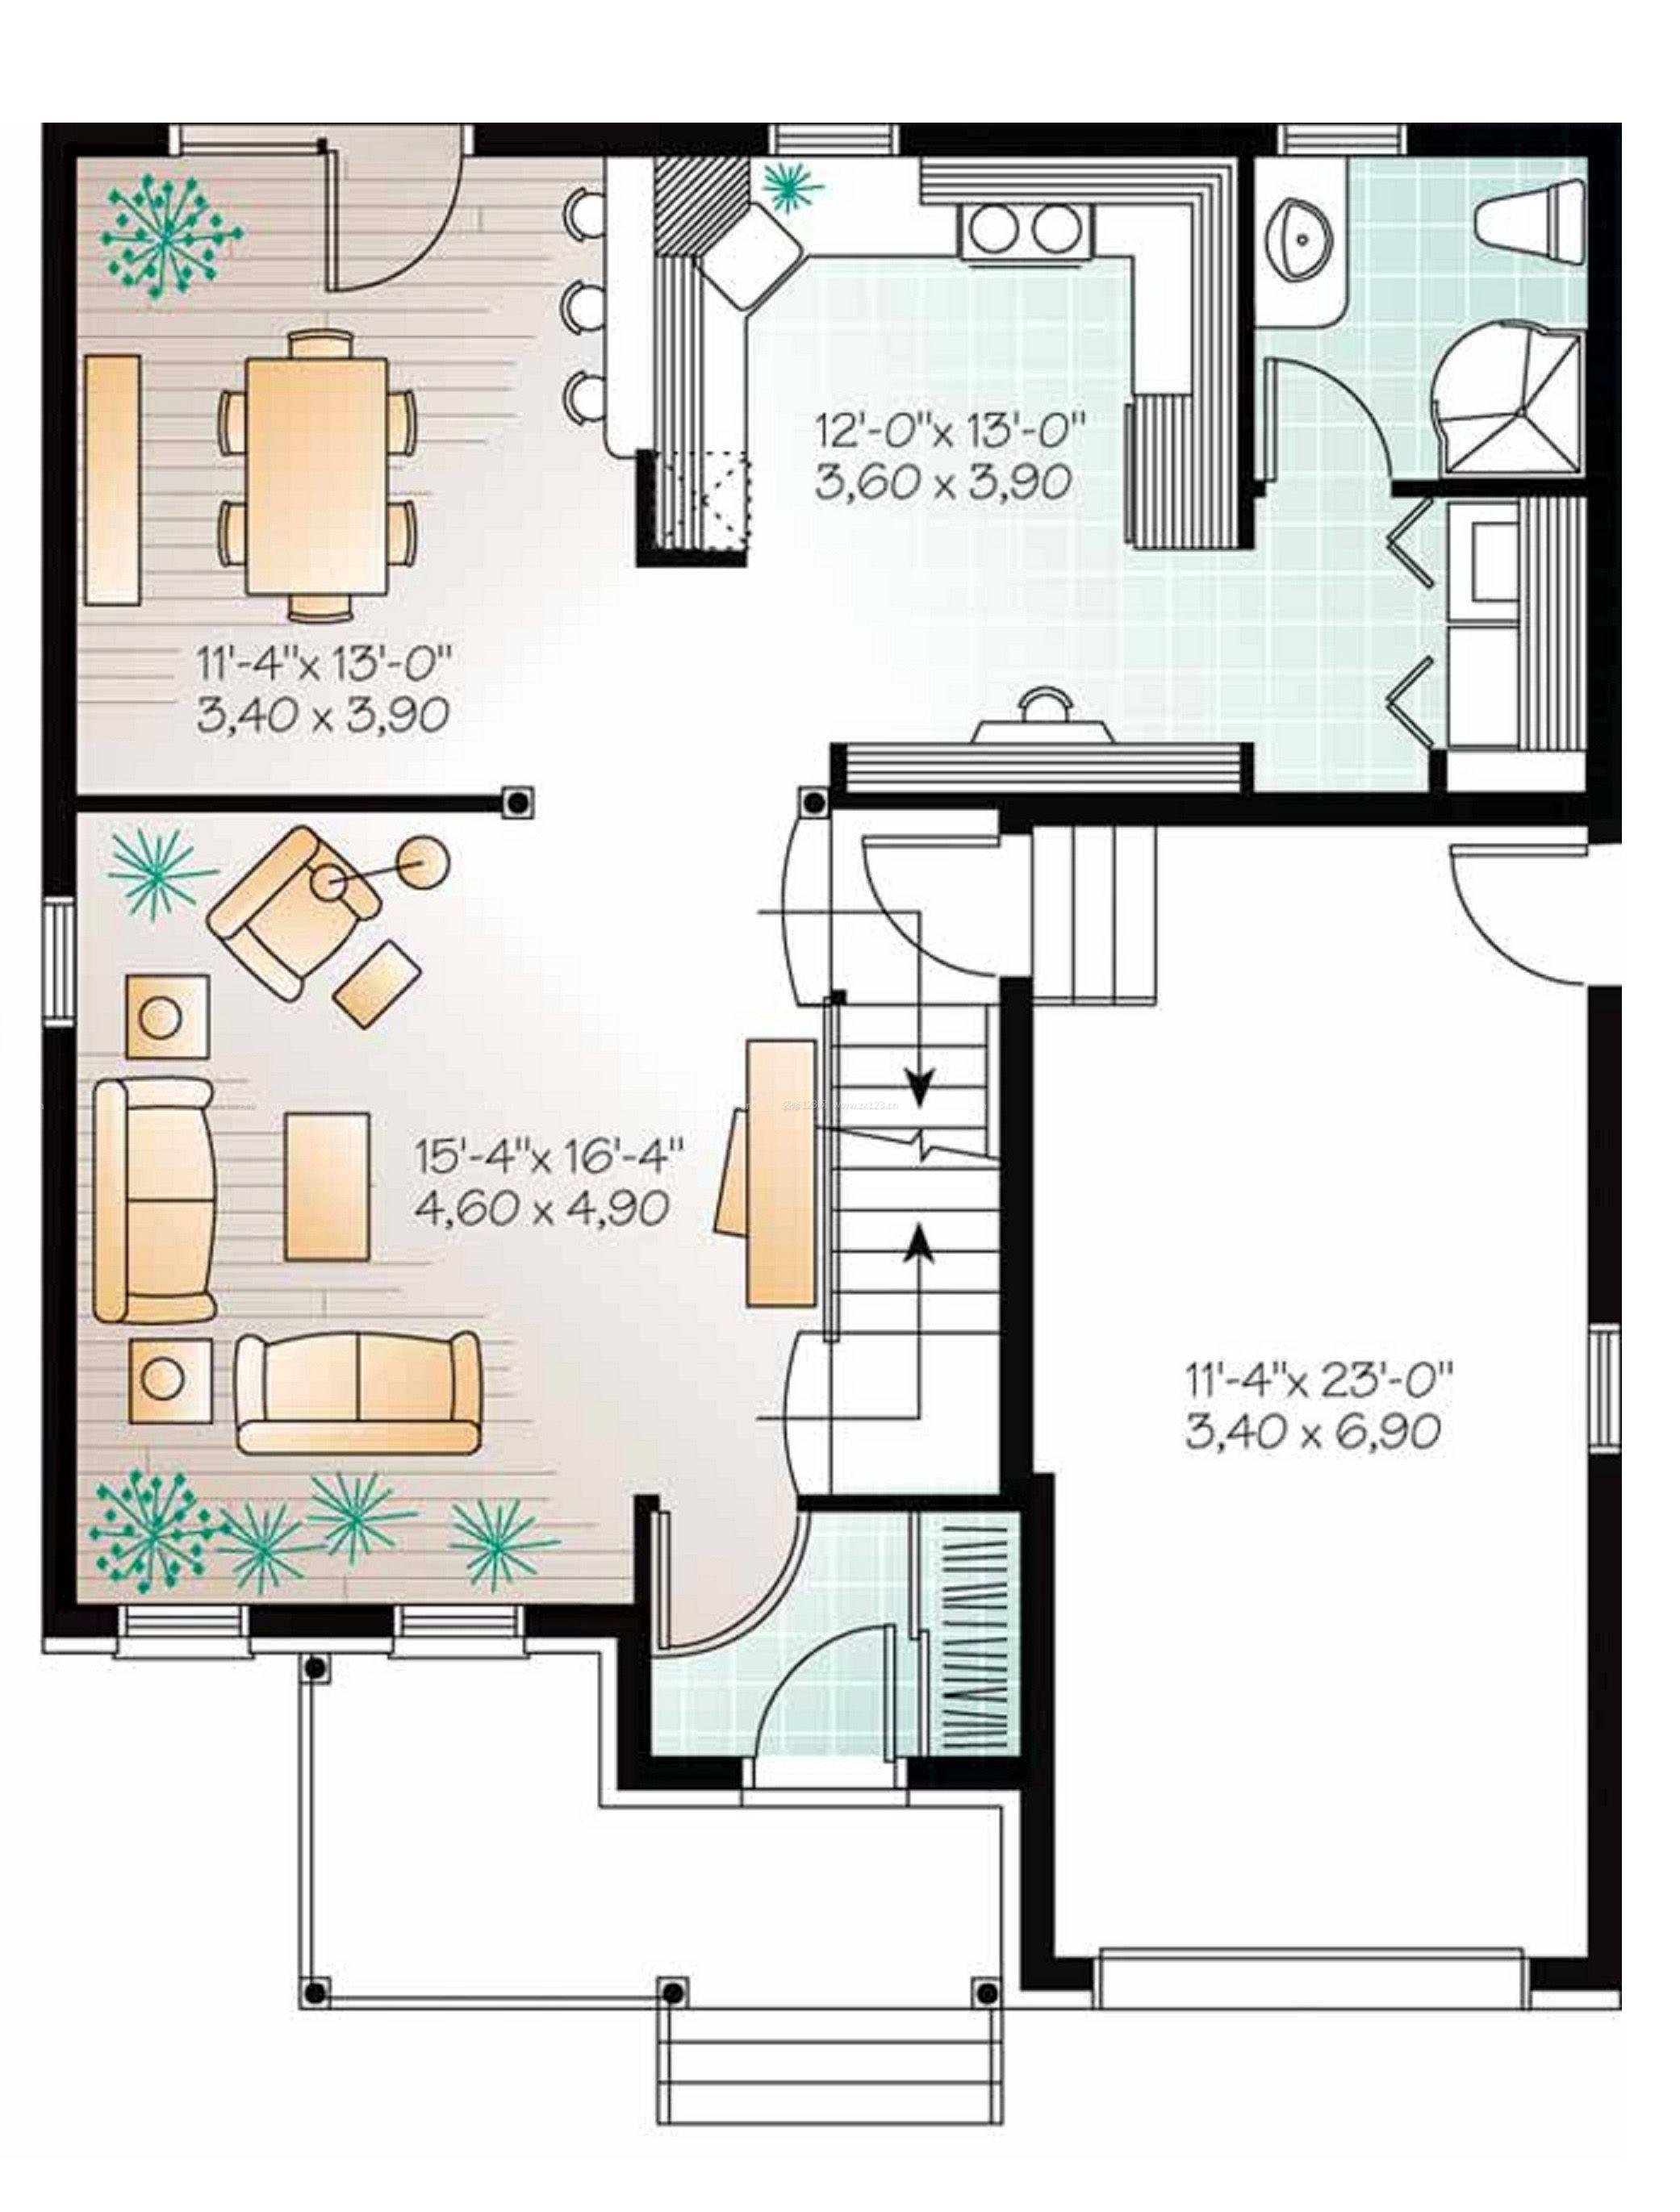 最新120平方米独栋别墅一层户型图设计